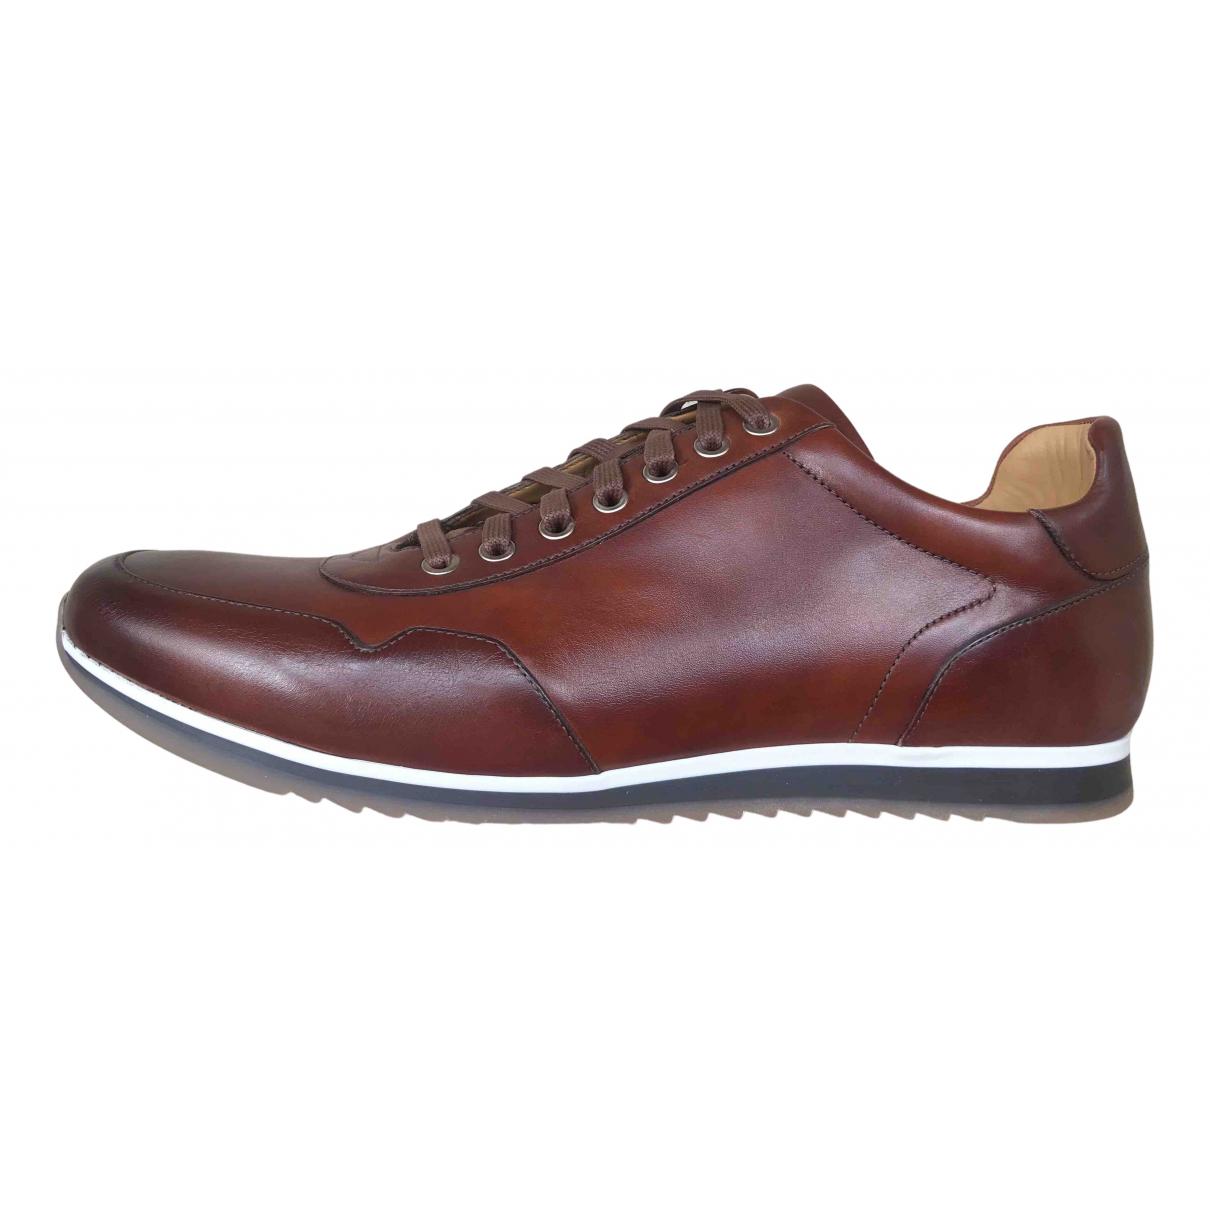 Magnanni \N Sneakers in  Braun Leder